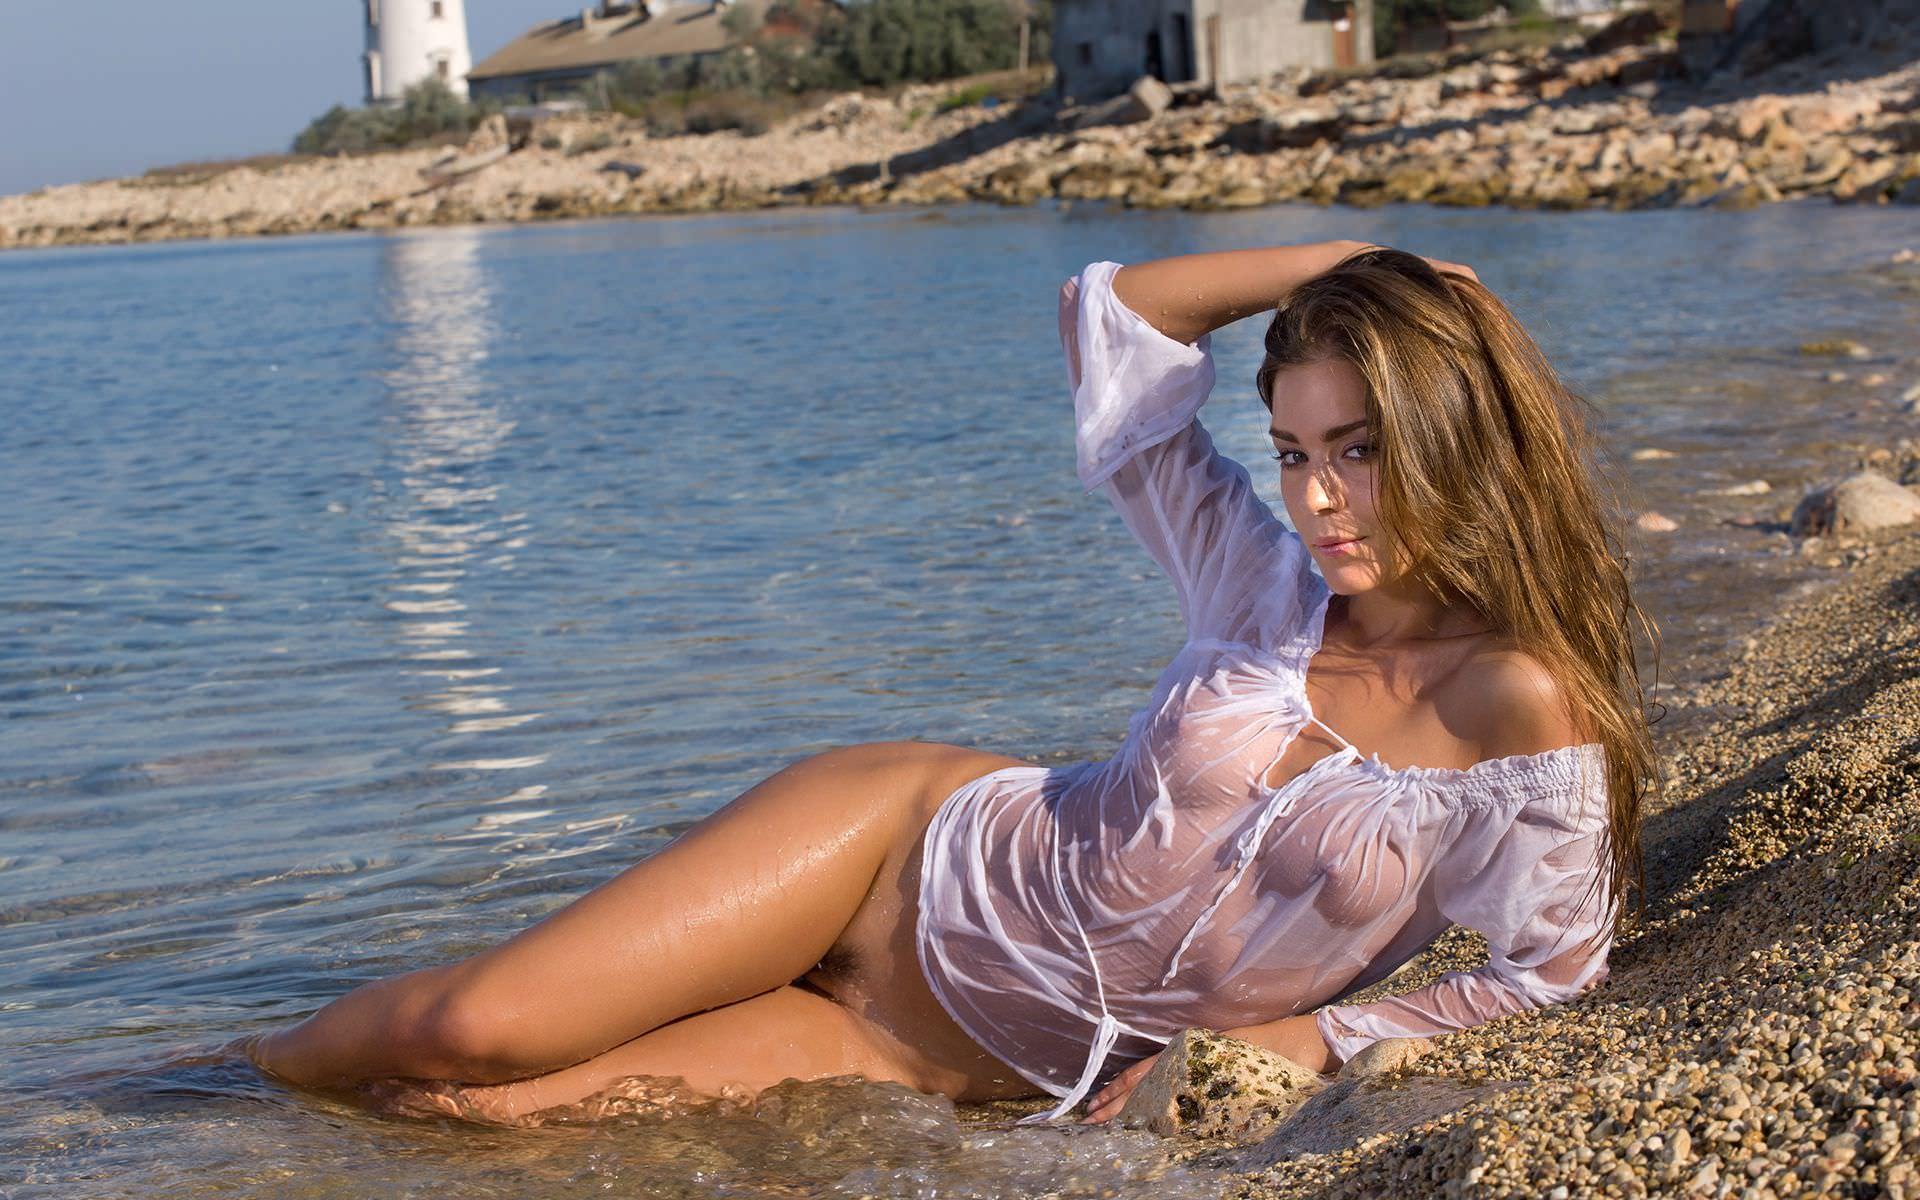 Прозрачные трусики на пляже фото 7 фотография